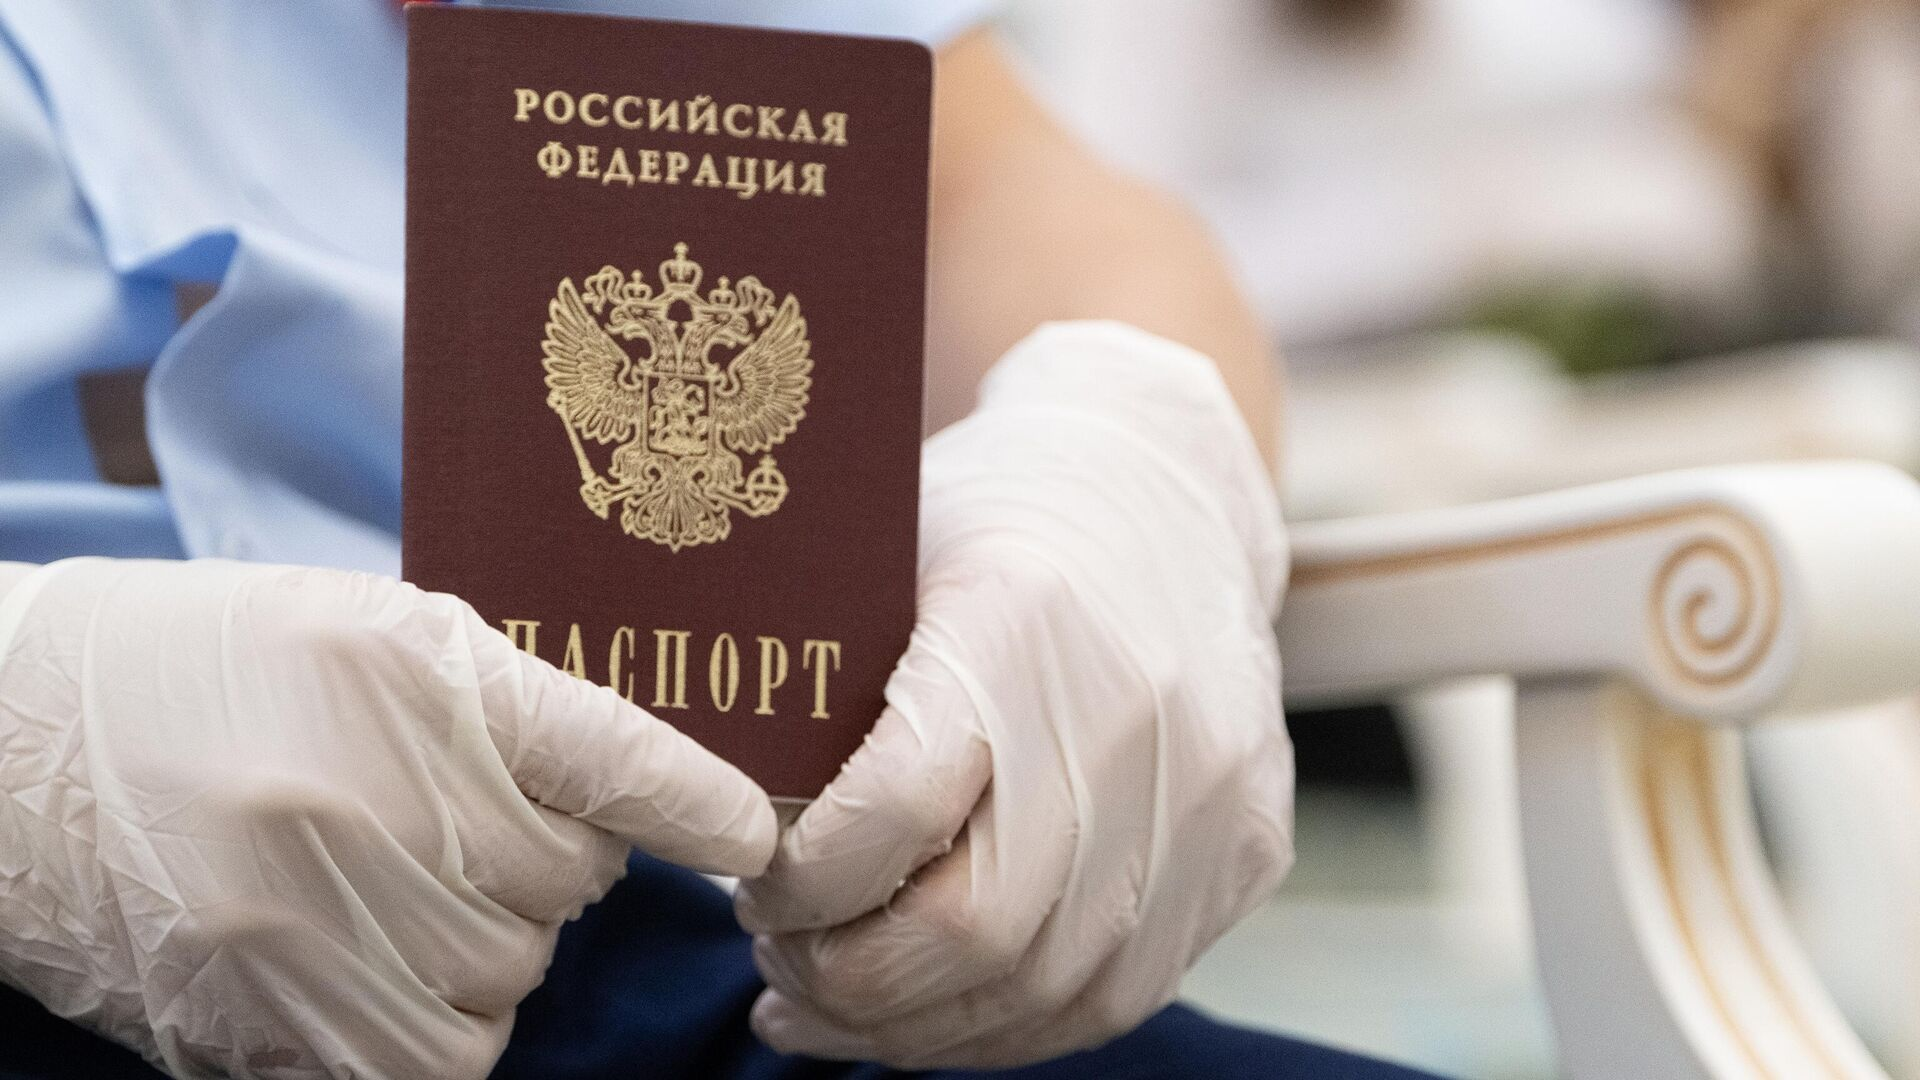 Выдача российского паспорта - РИА Новости, 1920, 10.09.2020